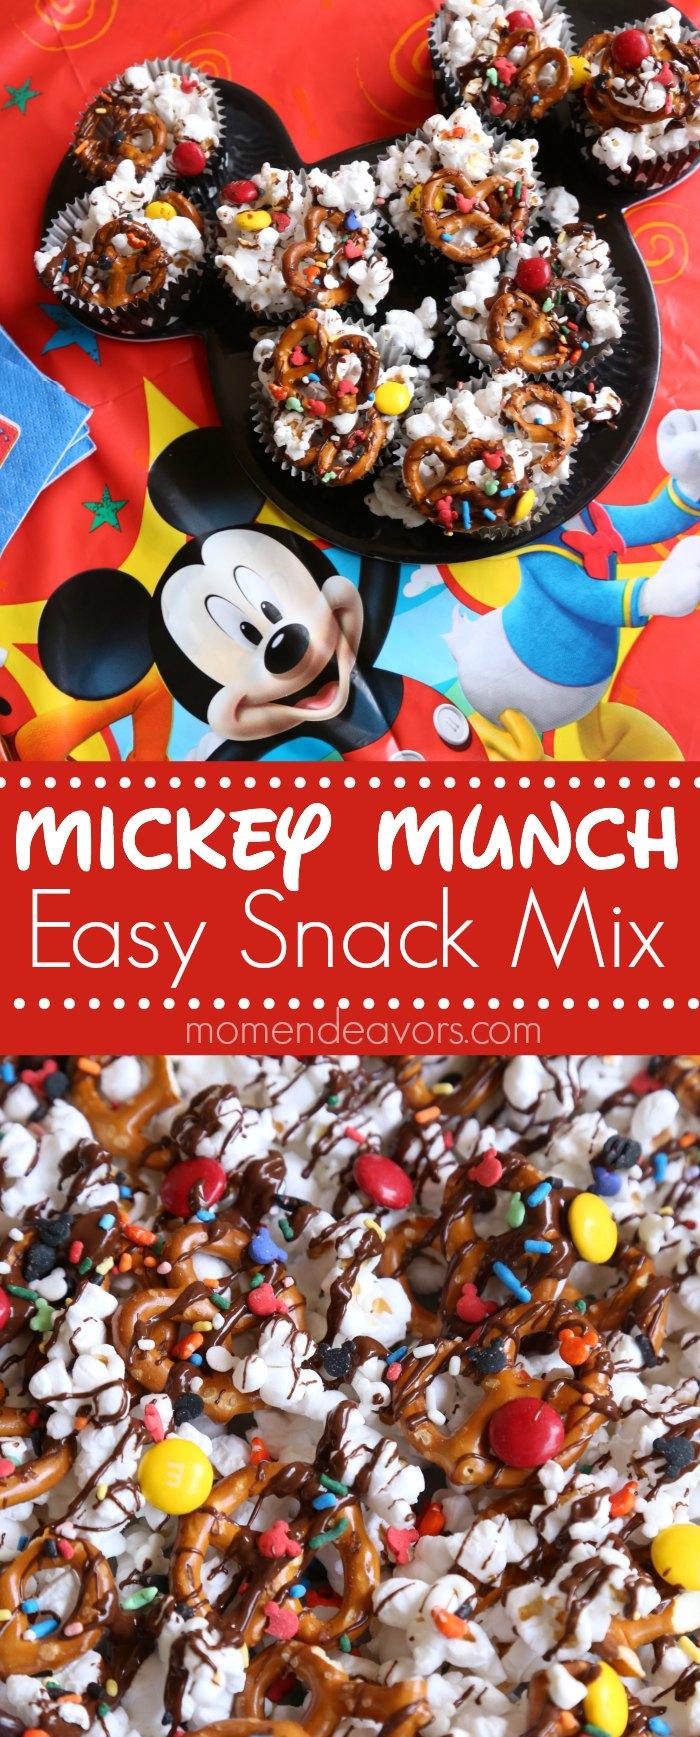 Mickey Munch Snack